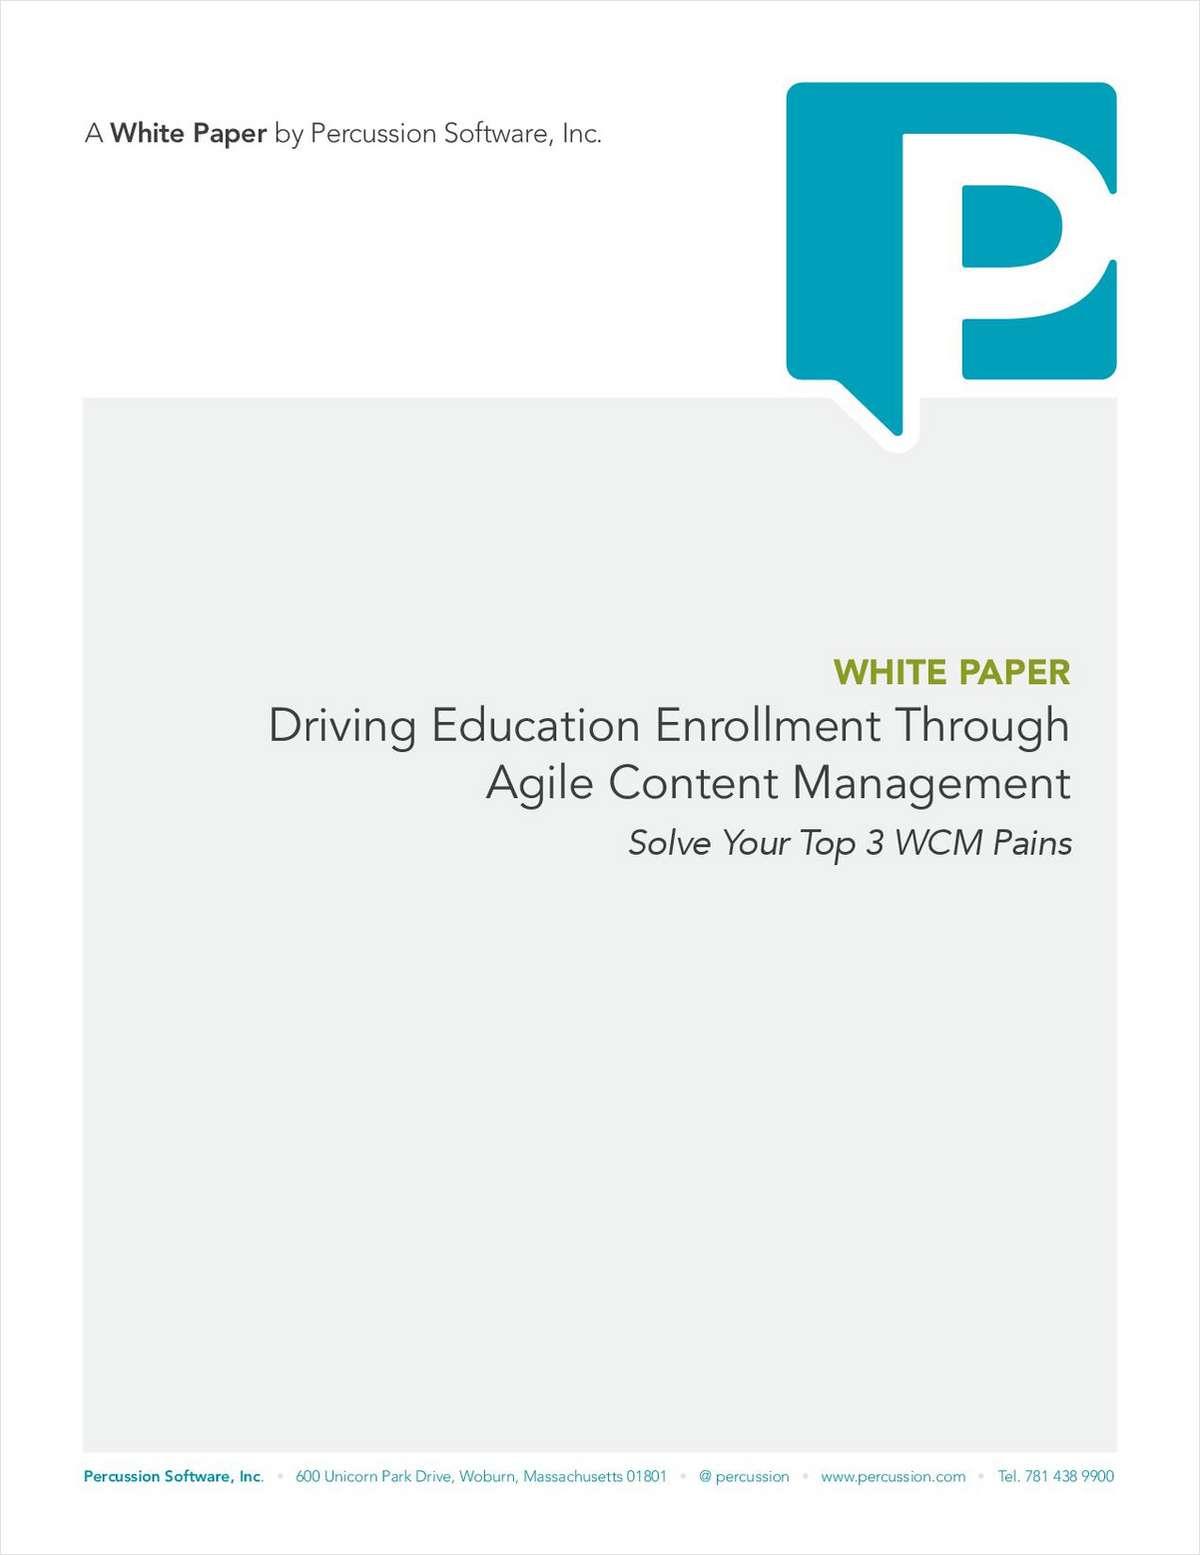 Driving Education Enrollment through Agile Content Management